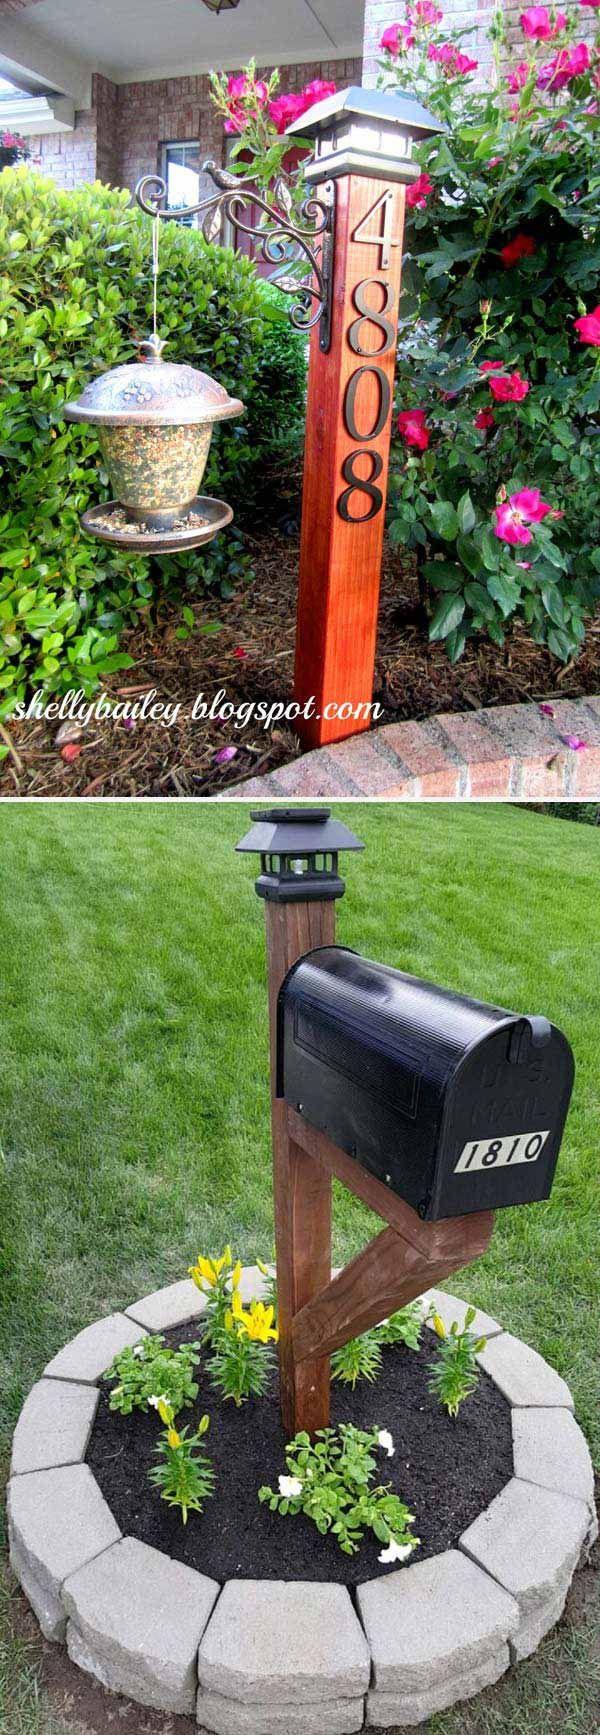 574 best Garden lighting solar images on Pinterest | Exterior ...